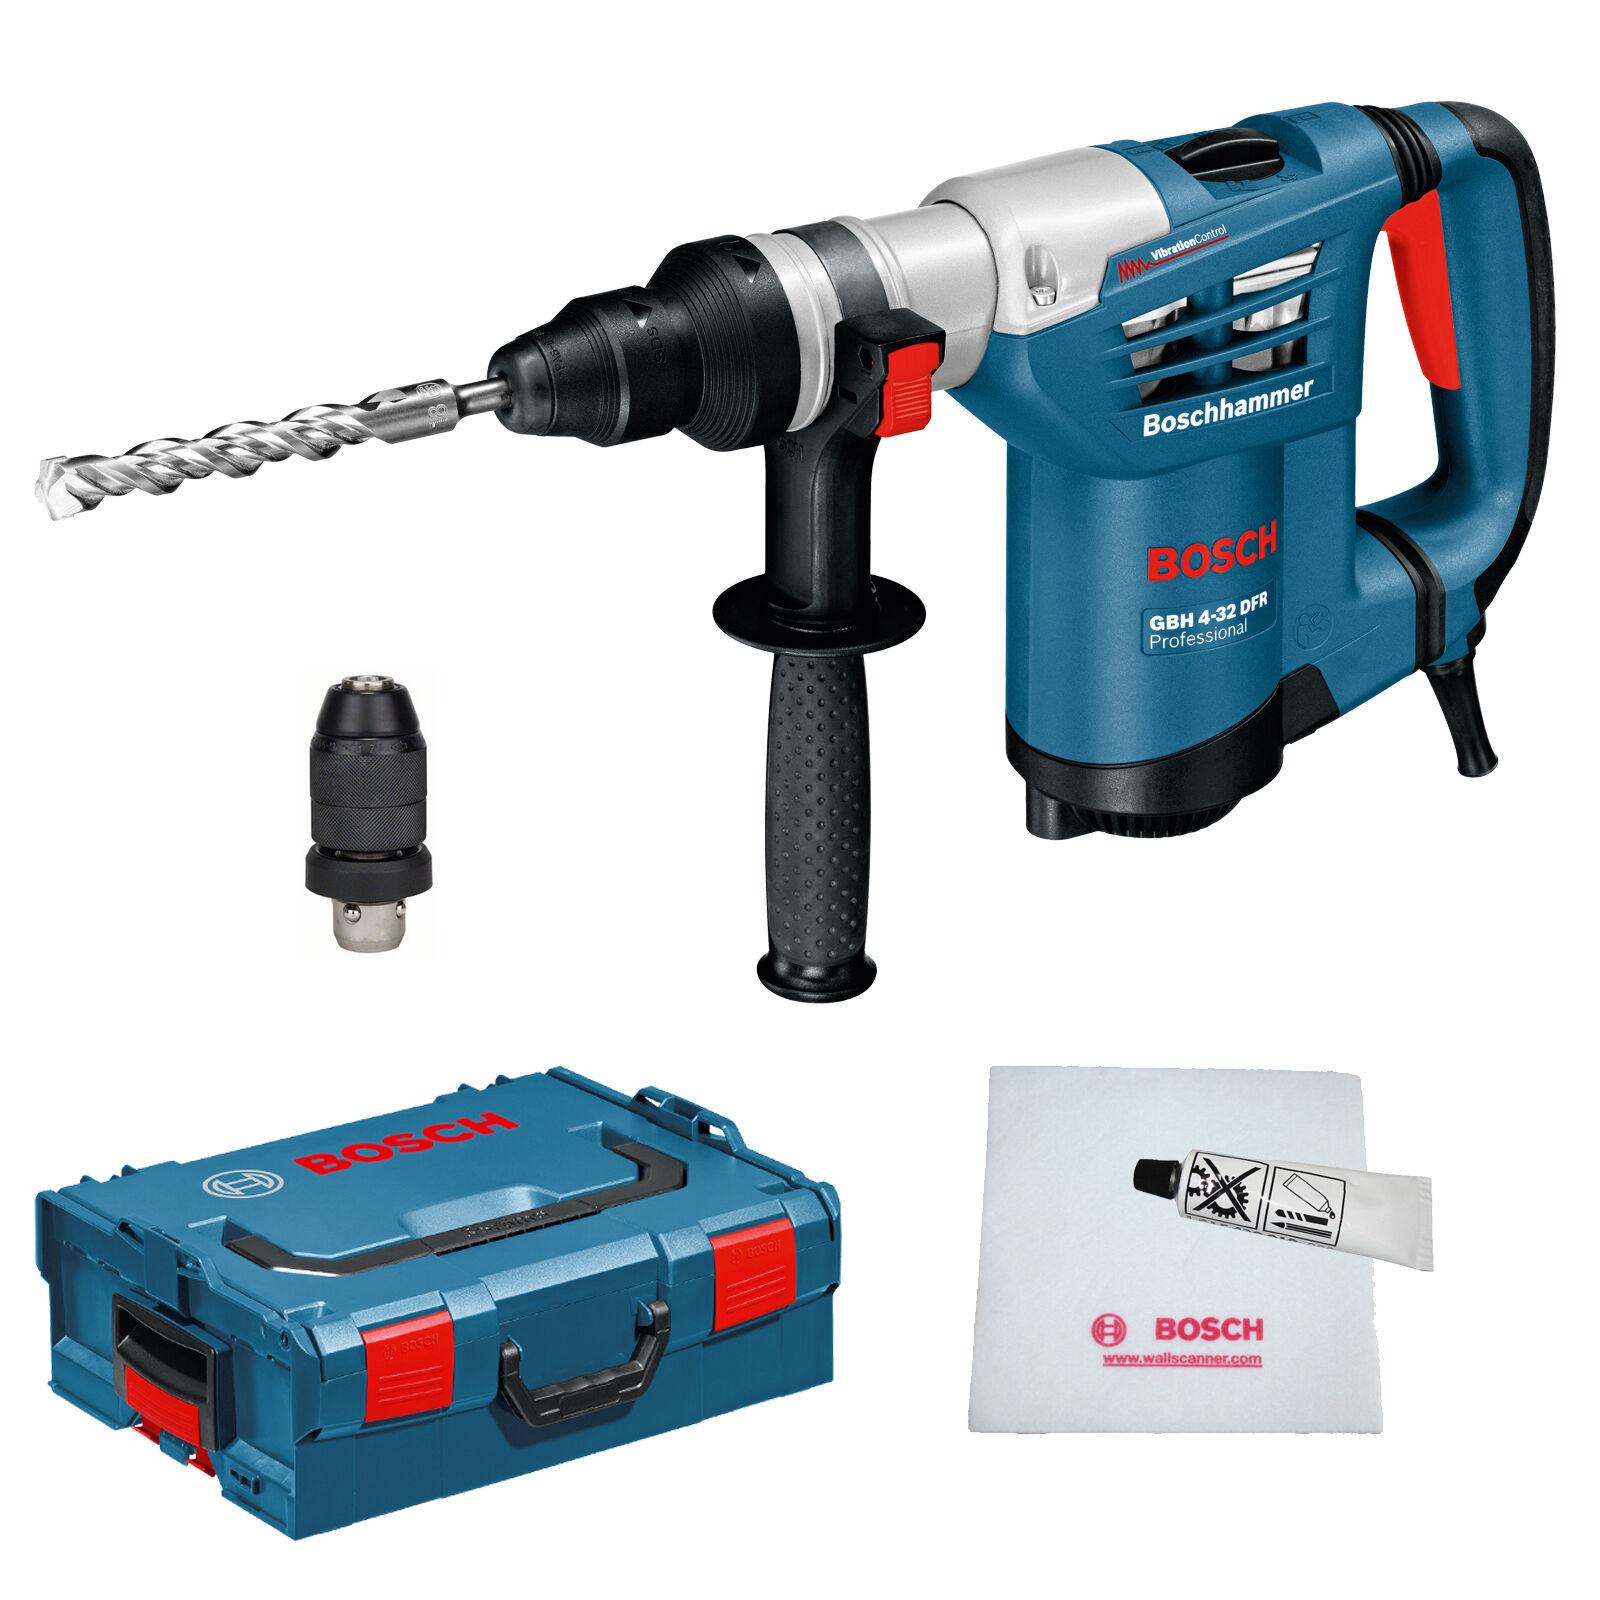 Bosch Bohrhammer mit SDS-plus GBH 4-32 DFR Professional mit L-BOXX - 0611332104